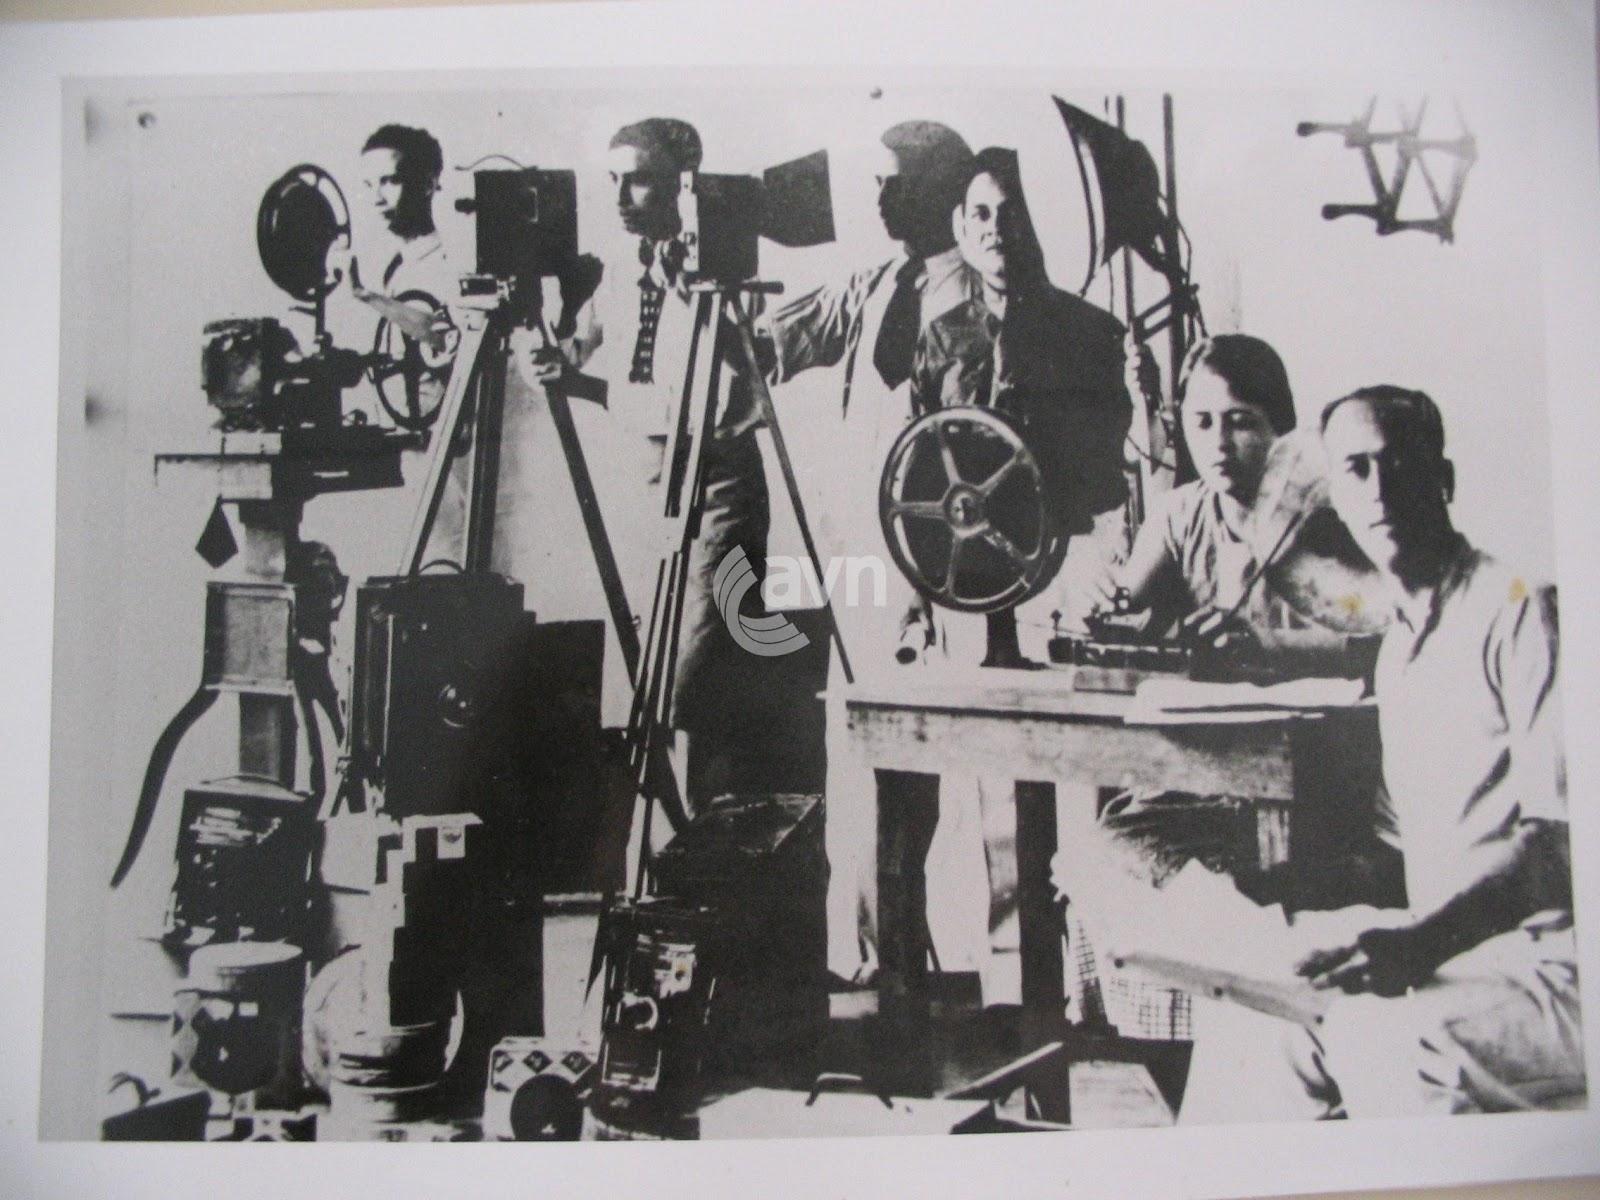 Amábilis Cordero: pionero del cine y precursor del periodismo audiovisual